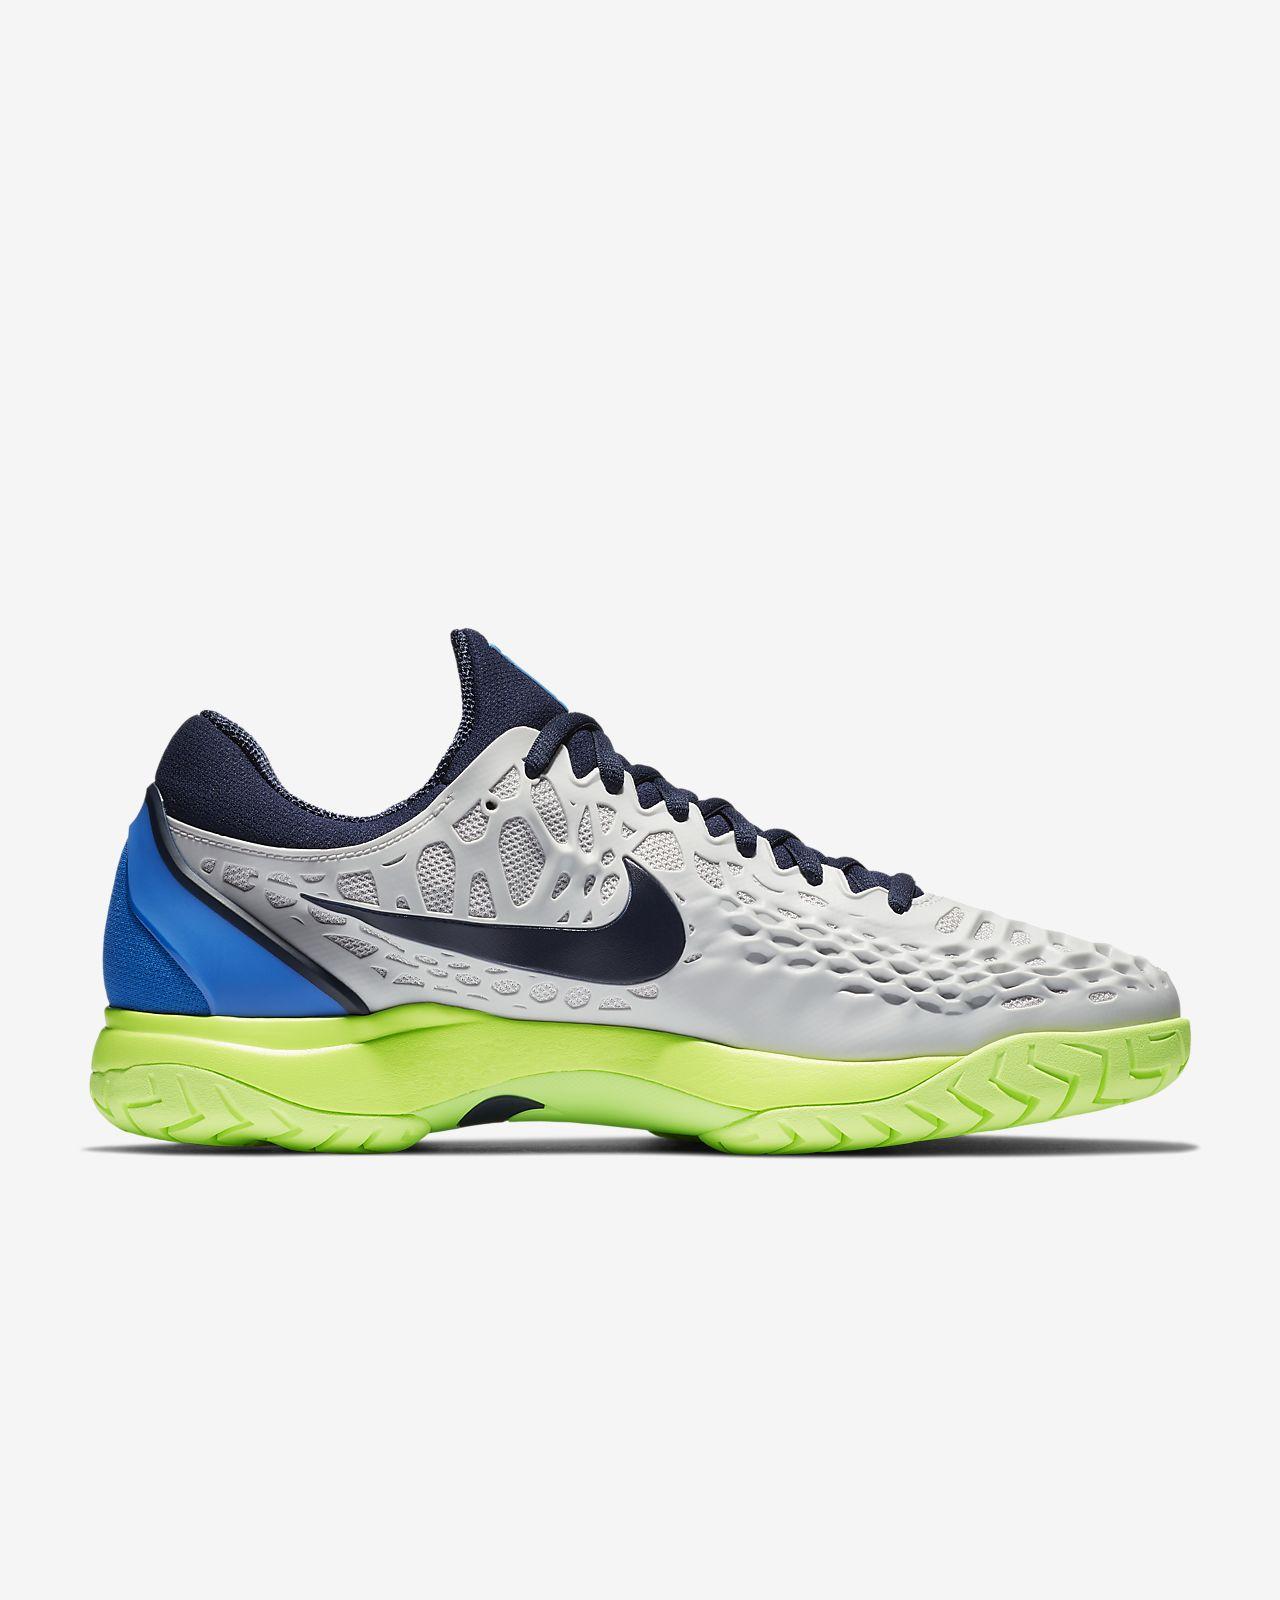 size 40 553fe b429a ... Calzado de tenis en cancha dura para hombre NikeCourt Zoom Cage 3